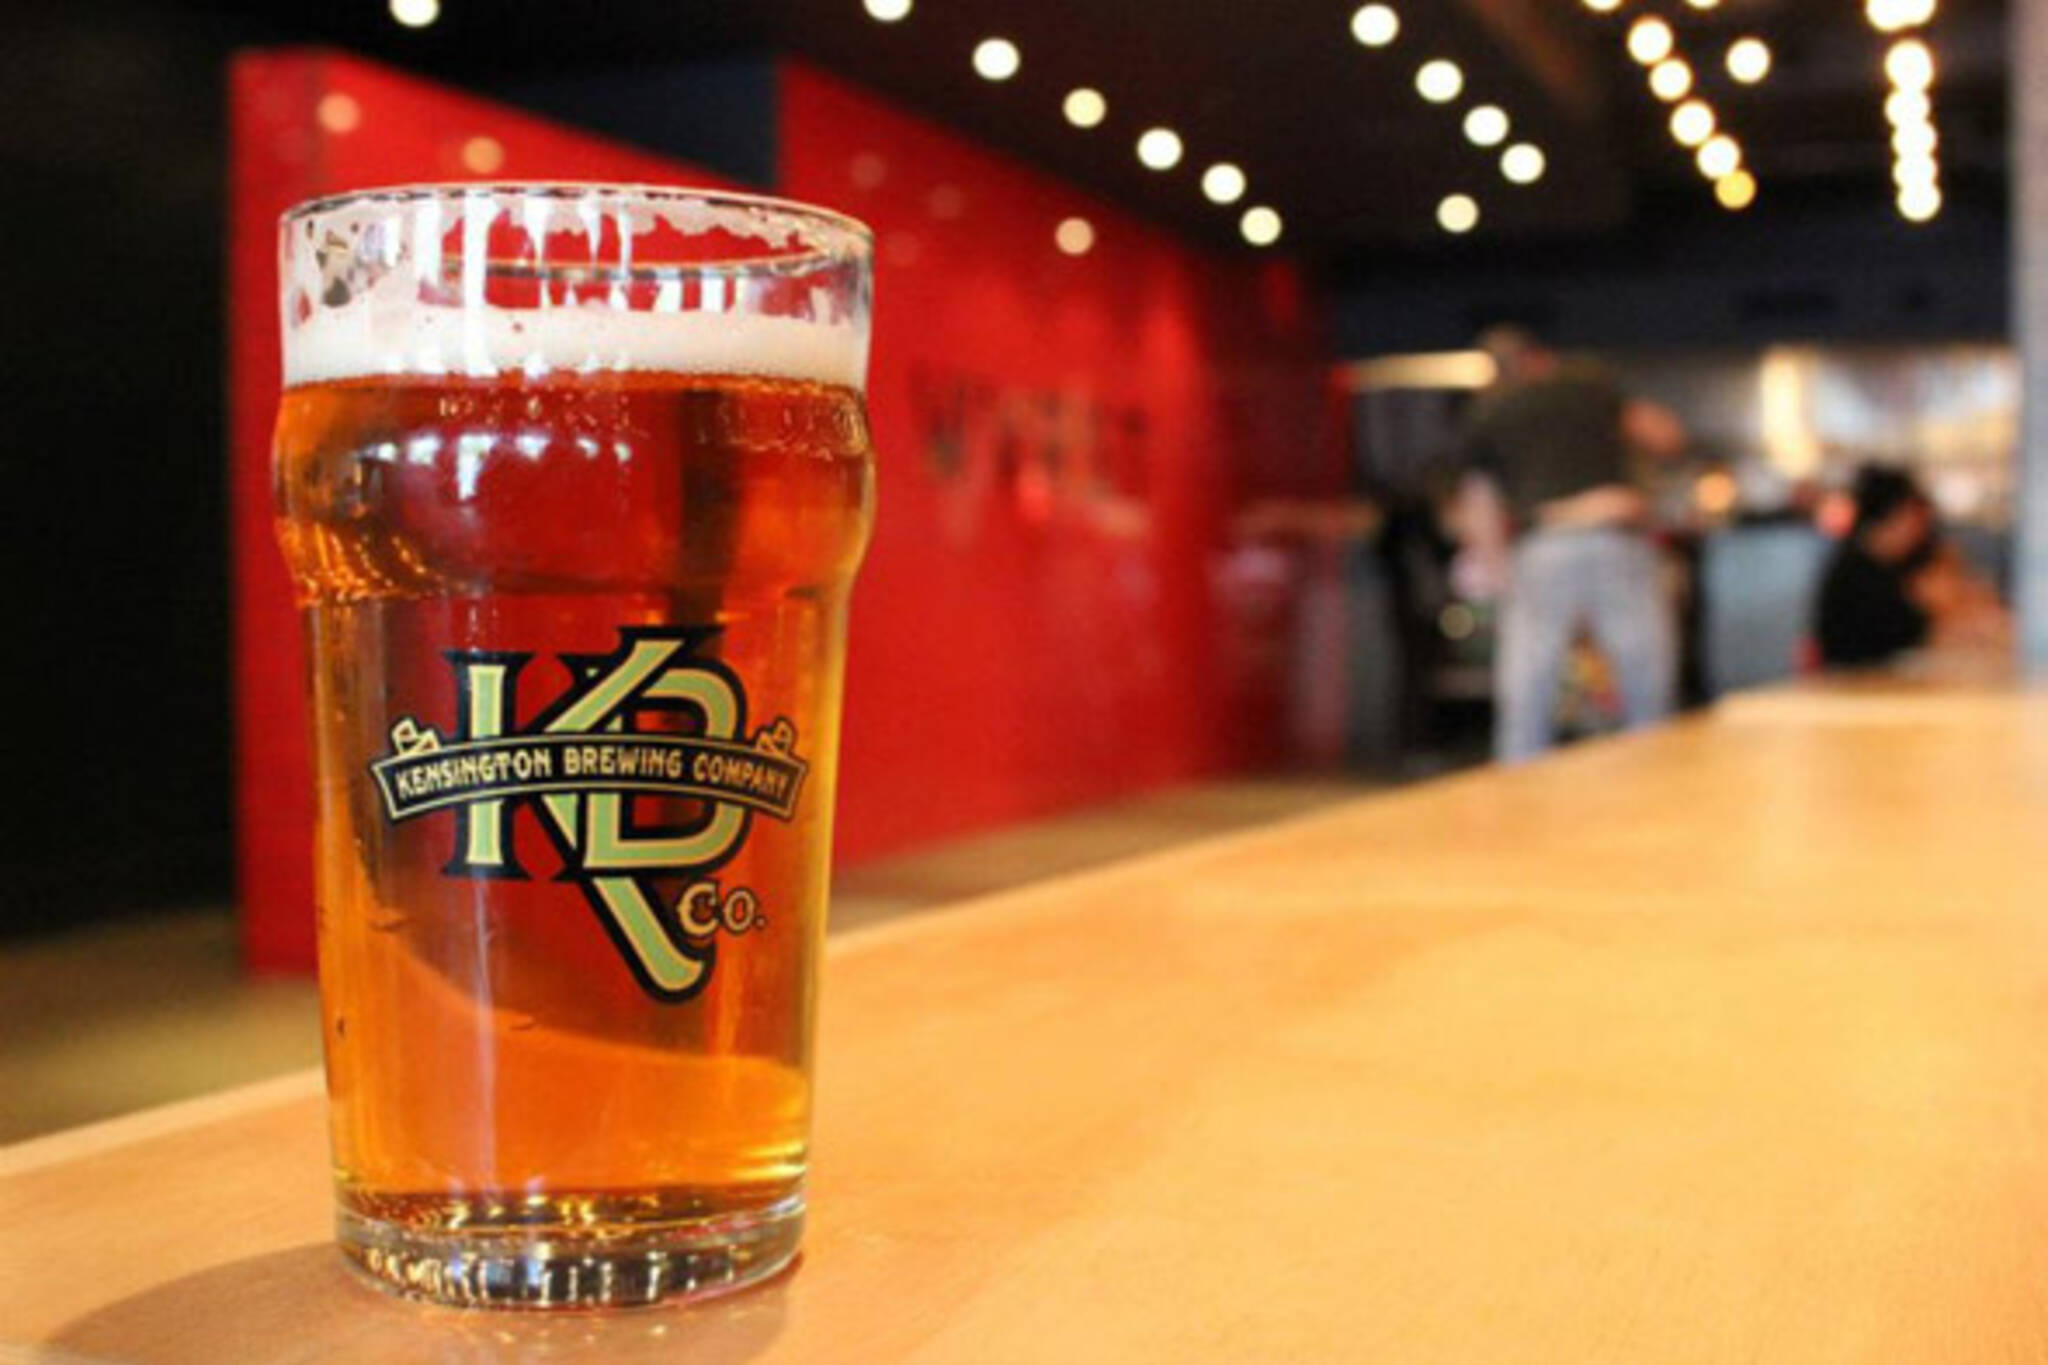 Kensington Brewing Company